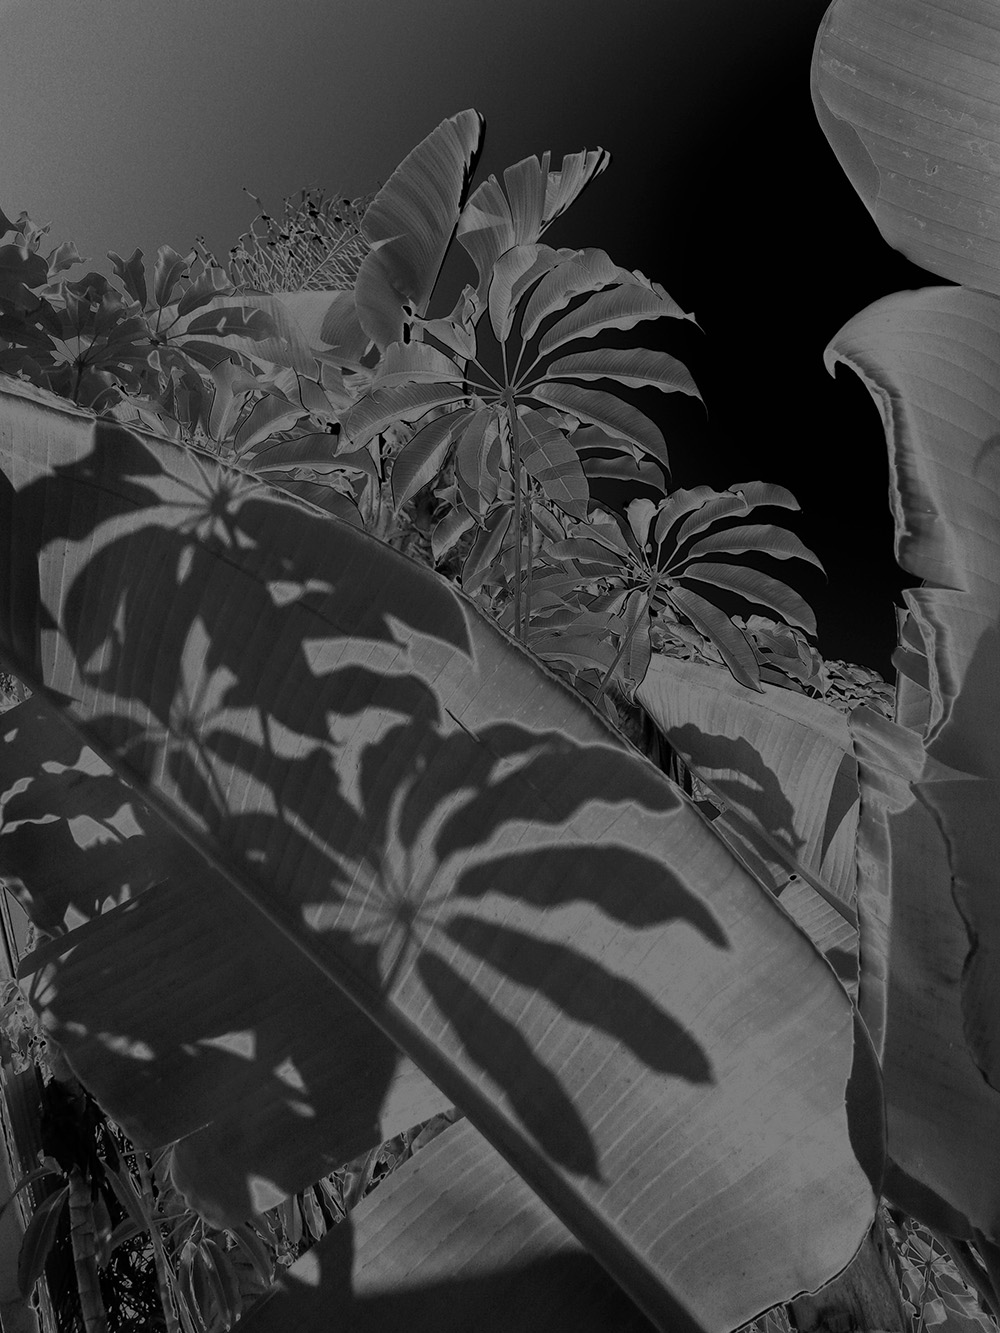 Karine Laval, Black Palms #08